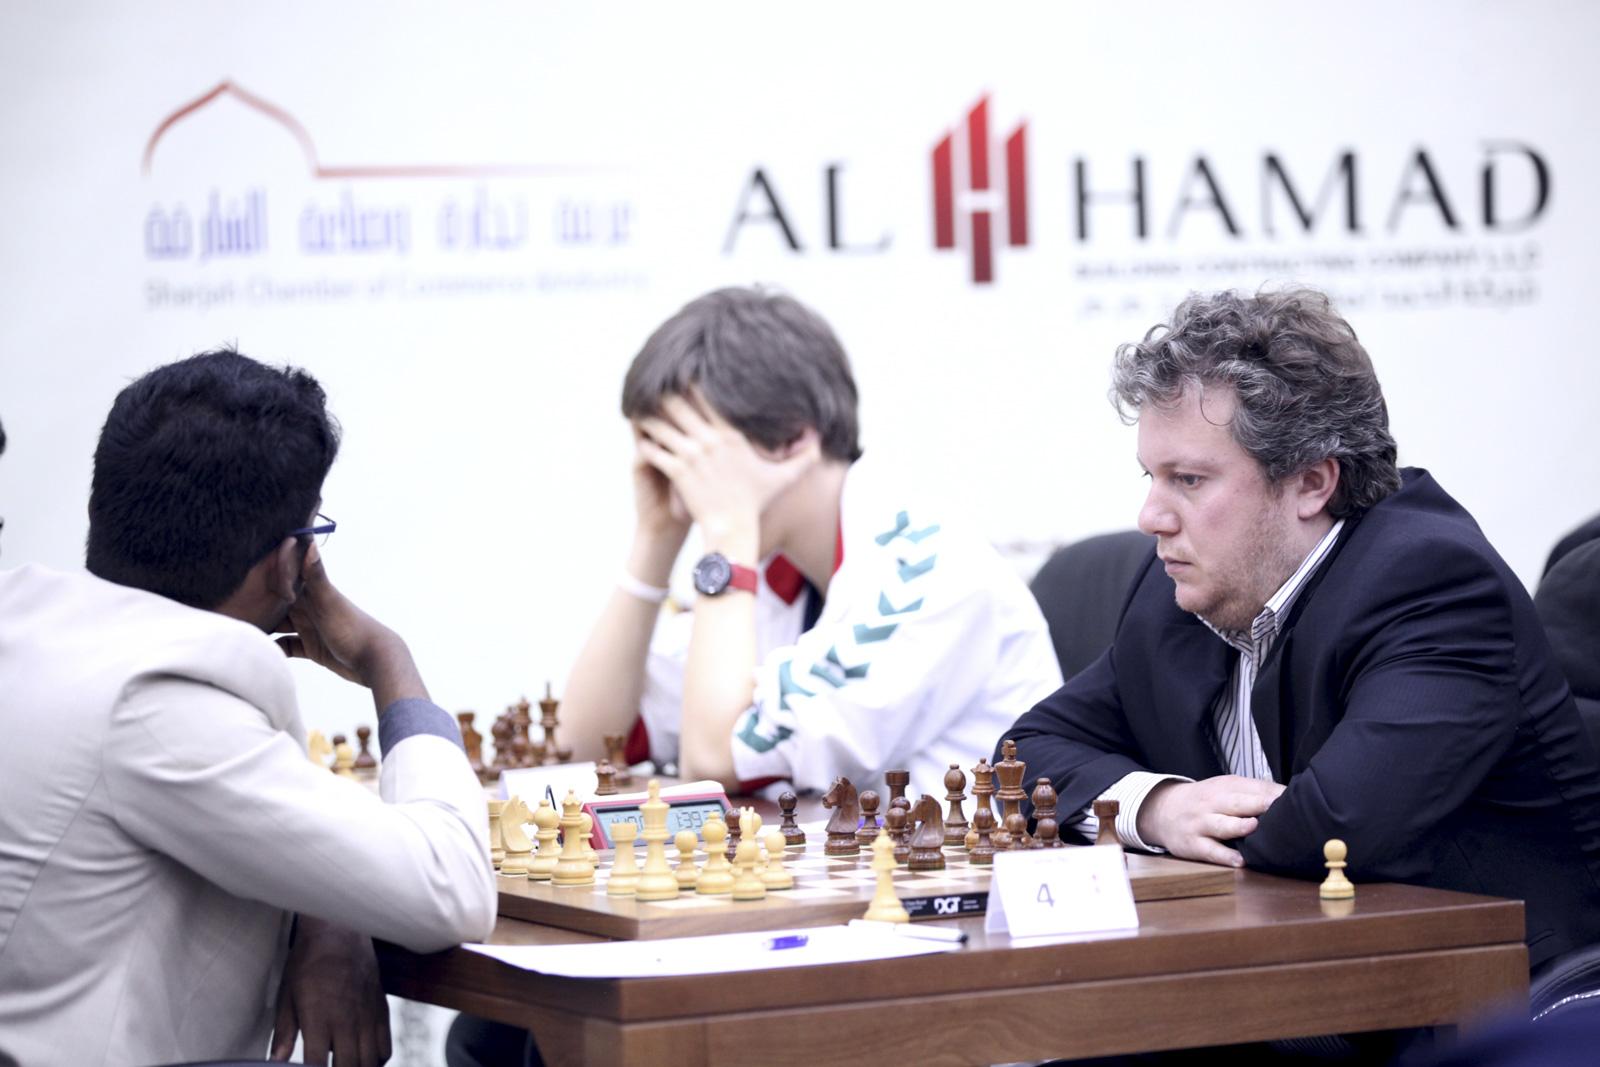 الجولة الثامنة من بطولة الشارقة ماسترز الدولية الأولى للشطرنج